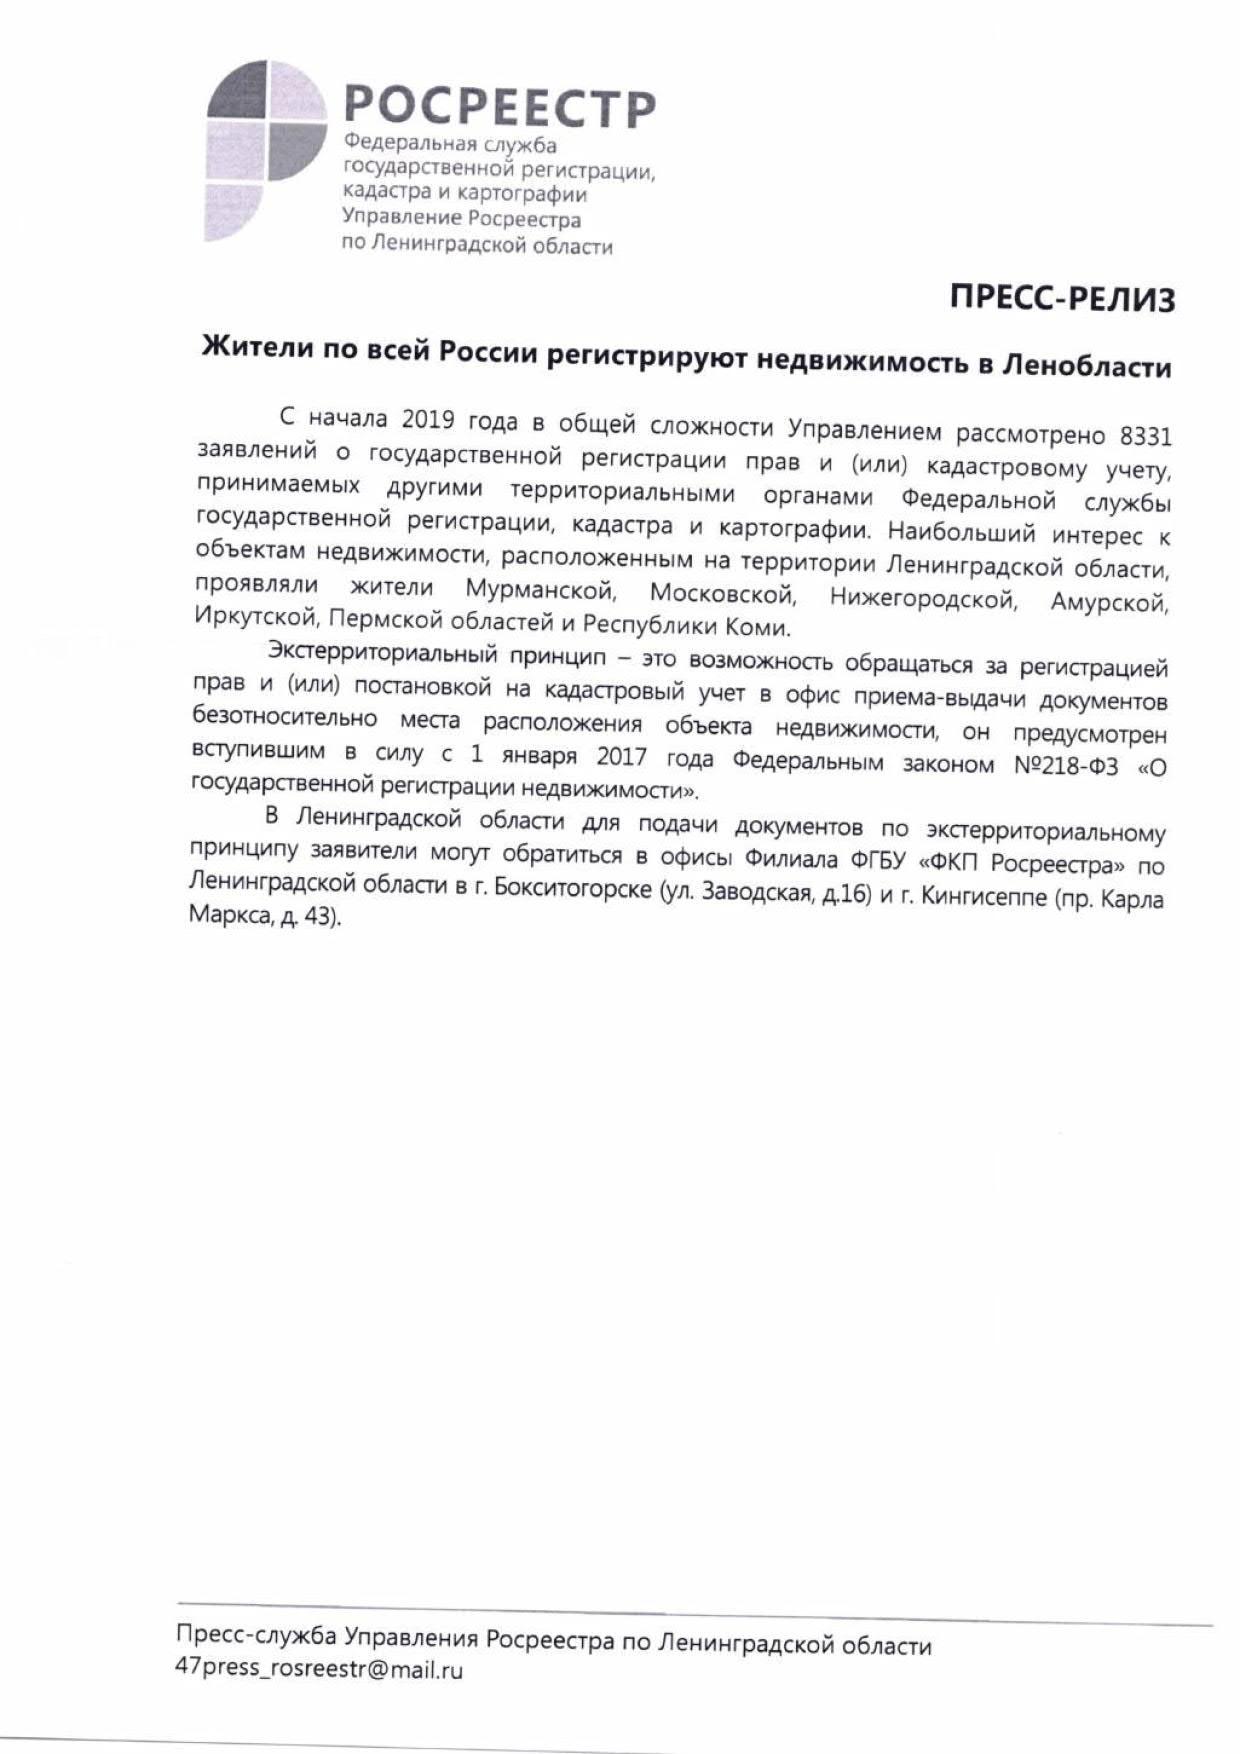 __Елизарова_Т.П._Соклаков_А.Н._2